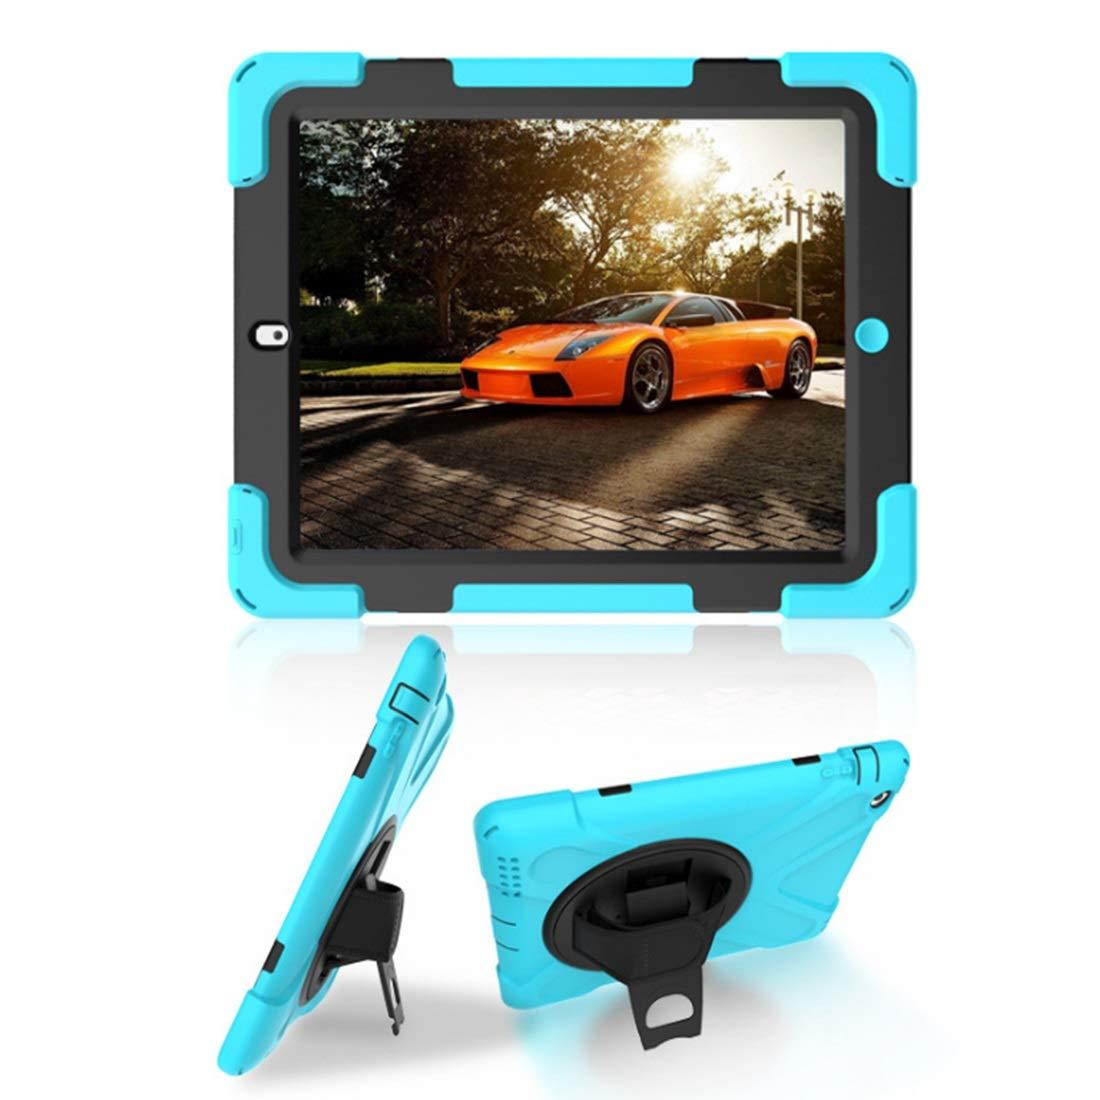 最大80%オフ! KRPENRIO Apple 高耐久 フルボディ 頑丈 mini123) 保護ケース 内蔵スクリーンプロテクター& 2層デザイン Apple iPad B07L8BLQ66 9.7インチ 2017/2018に対応 (カラー : マザリン、サイズ : iPad mini123) B07L8BLQ66, INFINITY Co.,Ltd.:a0dd3992 --- a0267596.xsph.ru